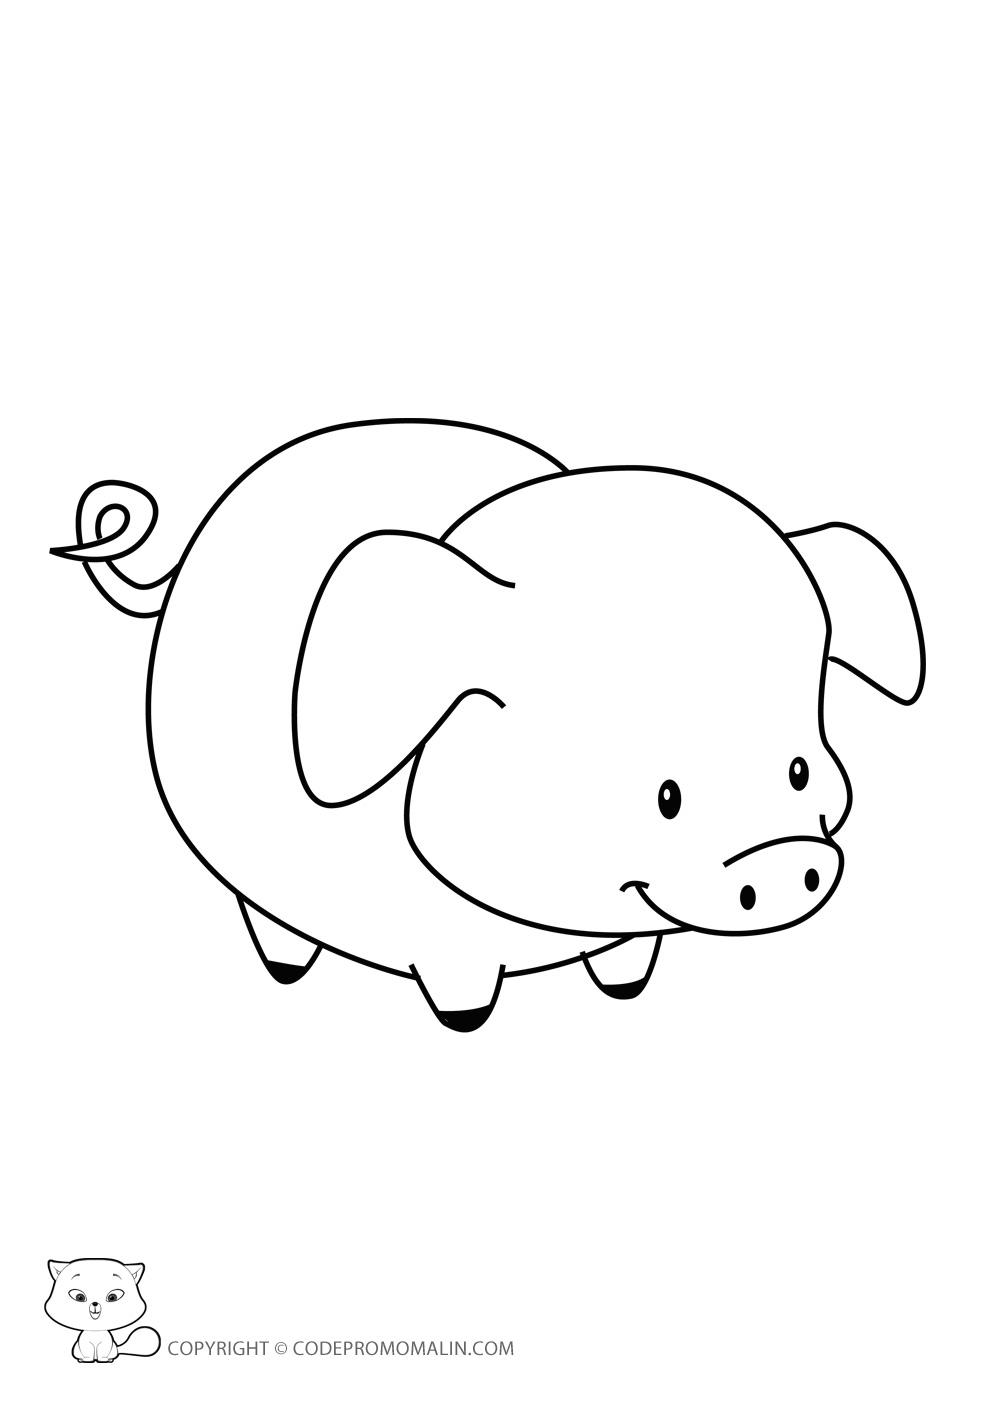 Dessin a imprimer petit cochon - Dessin cochon mignon ...